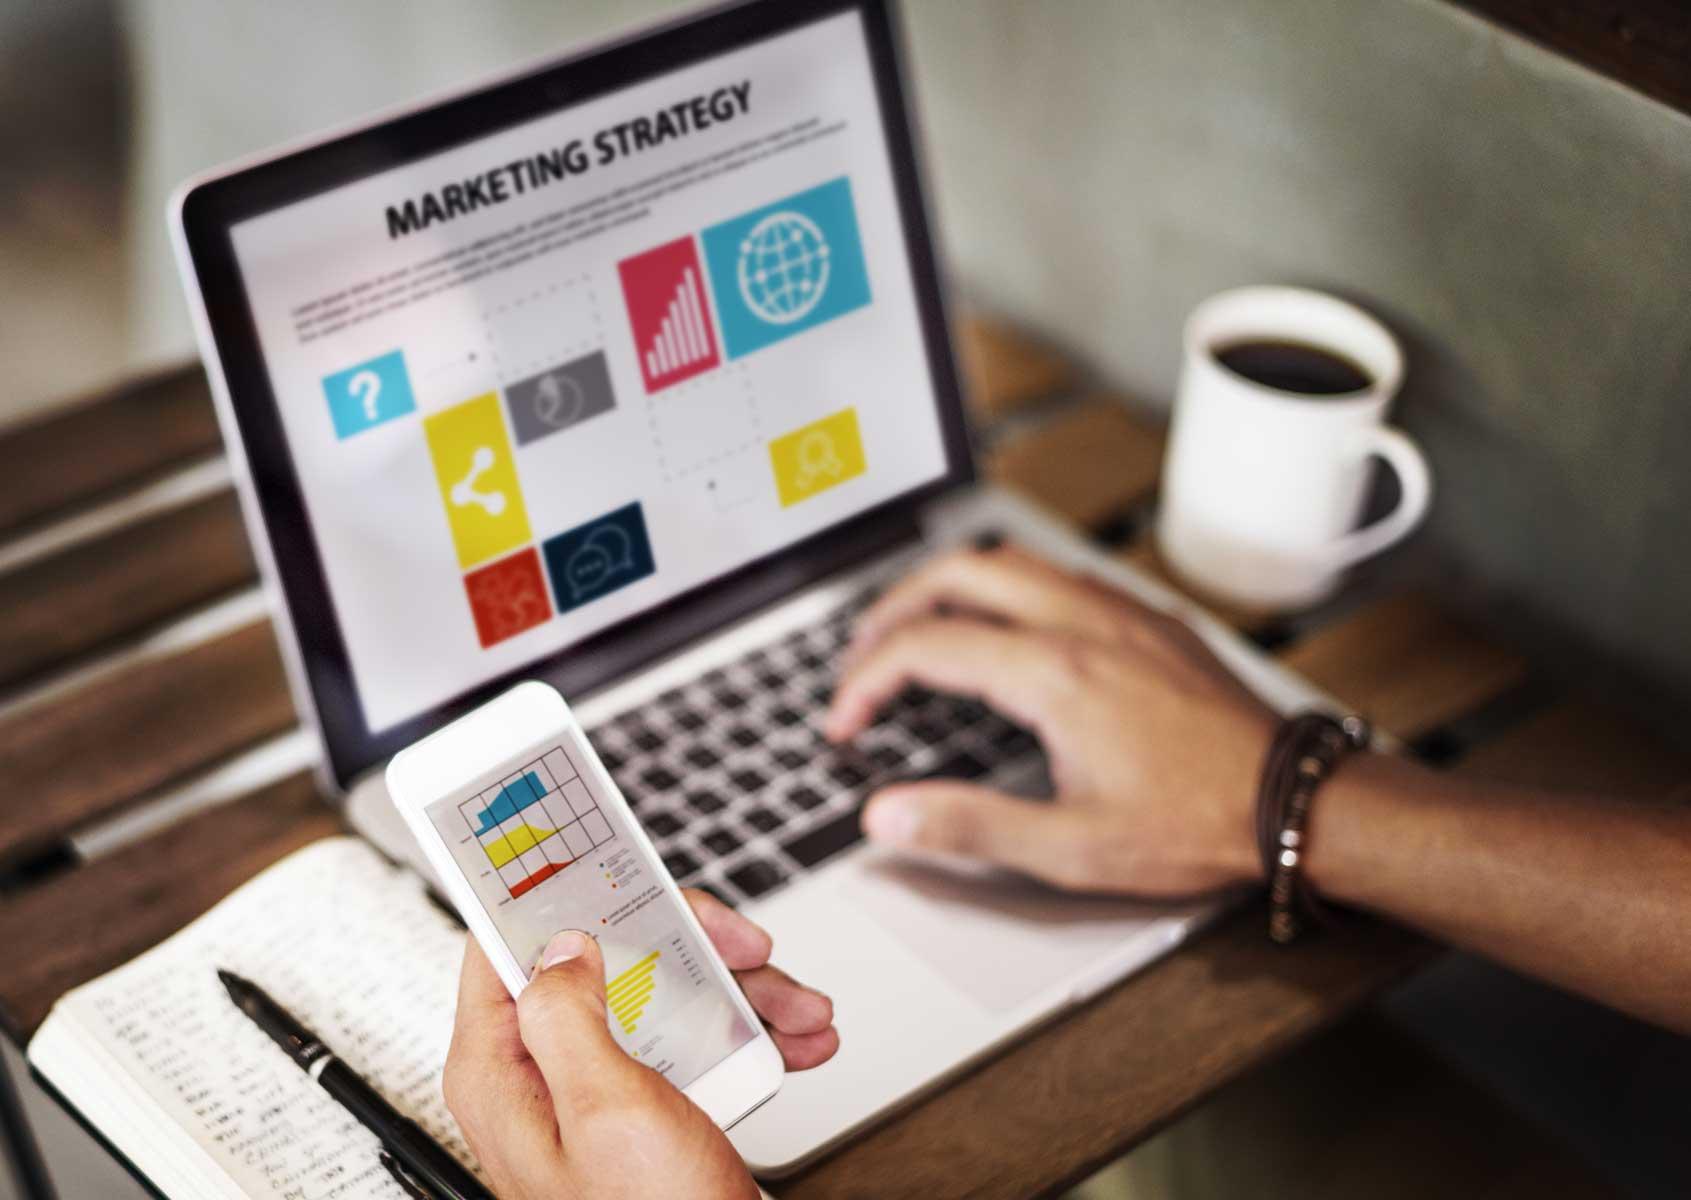 Imprenta de marketing para profesionales, negocios, empresas y organismos.